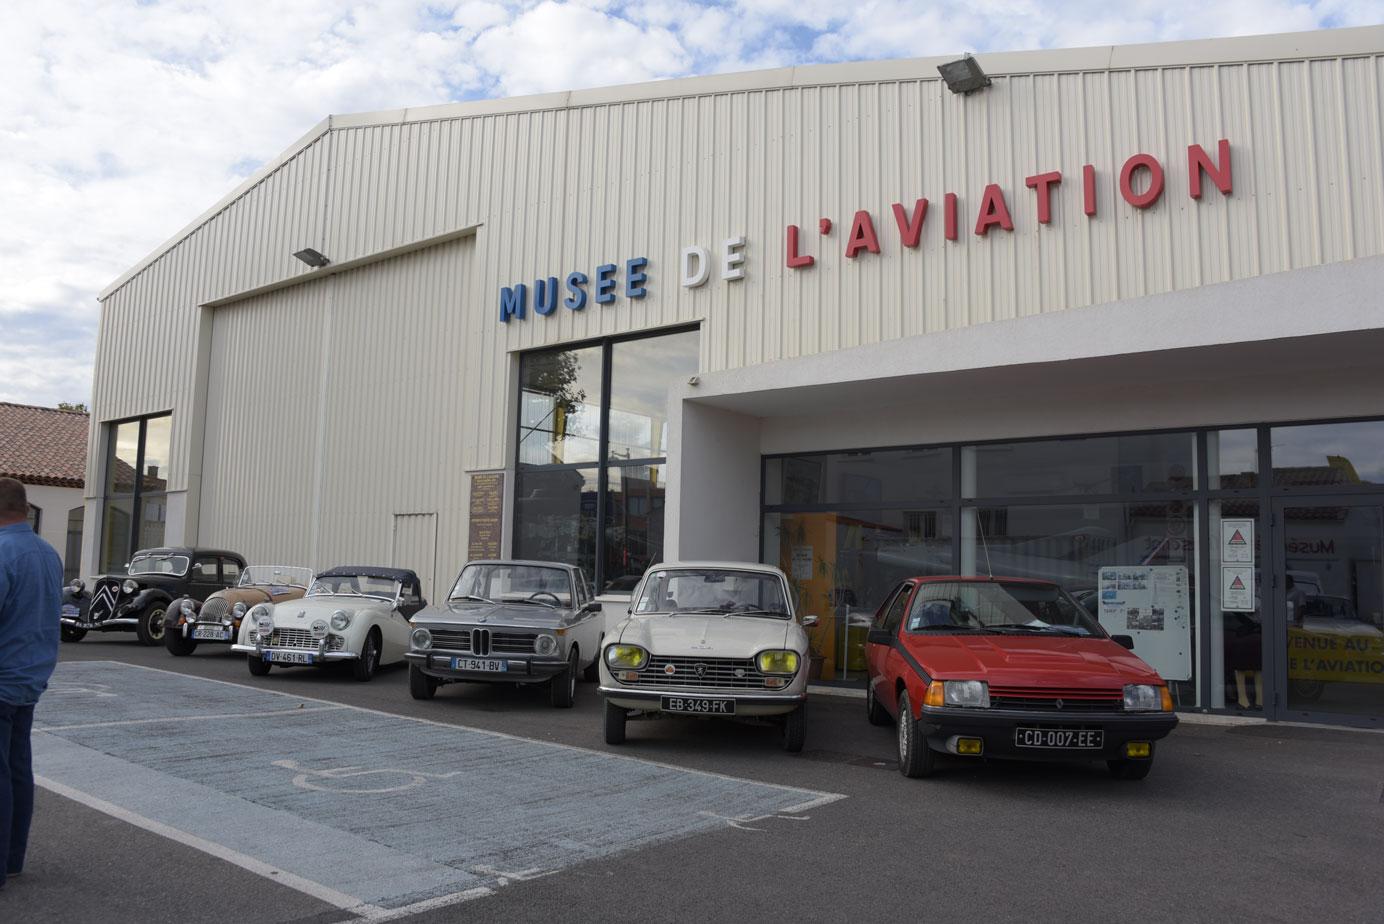 Auto Moto Rétro 04 Forcalquier - Musee Aviation Saint Victoret